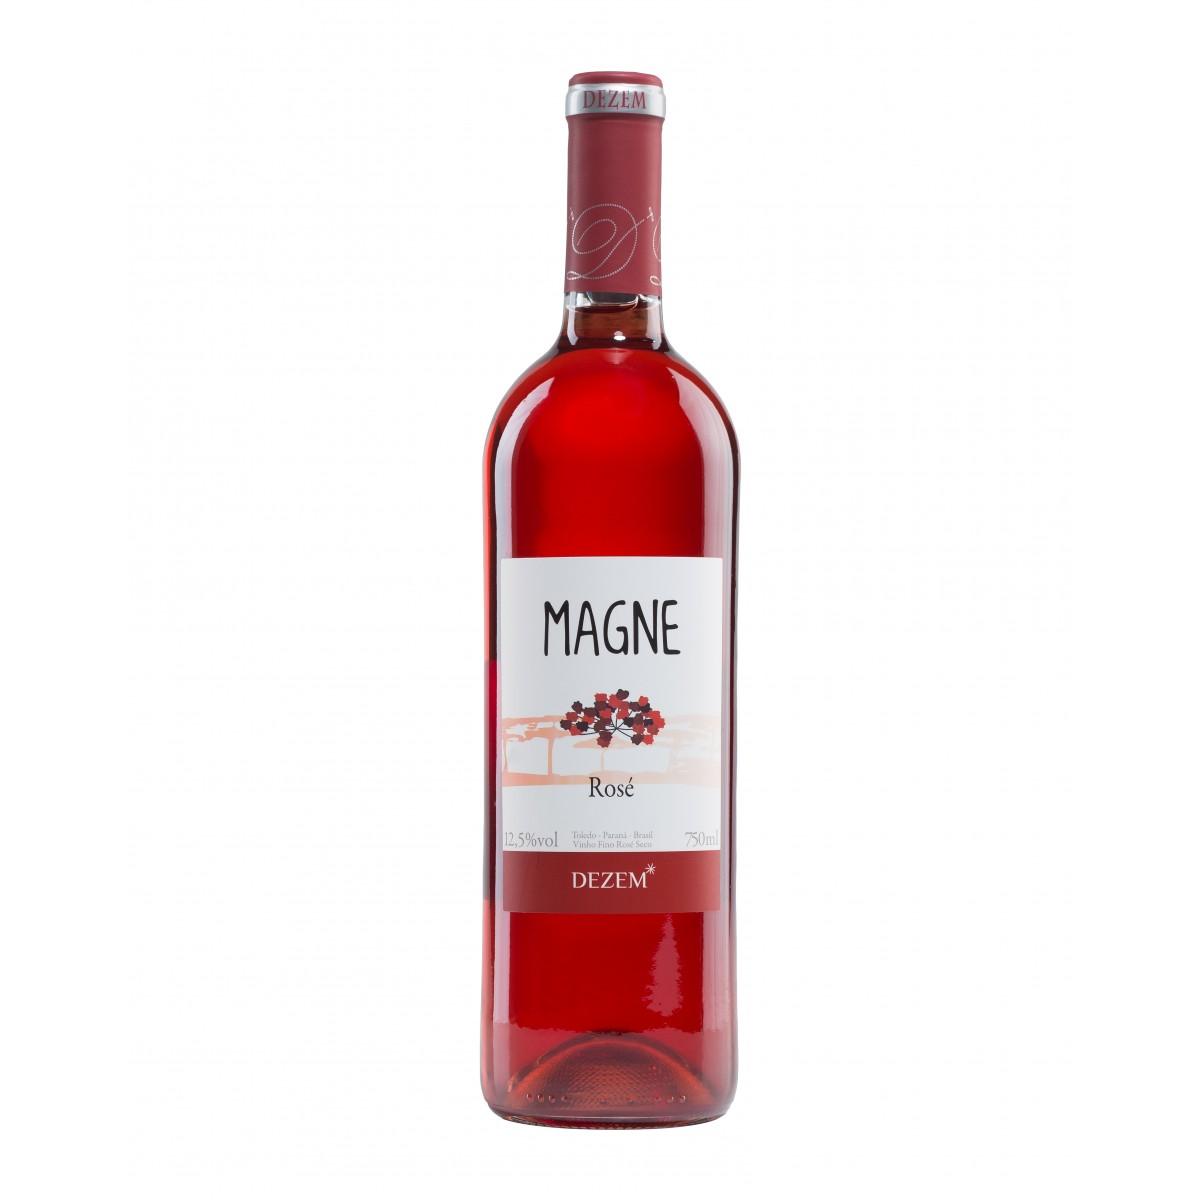 Magne Rose - 750ml  - Vinicola Dezem